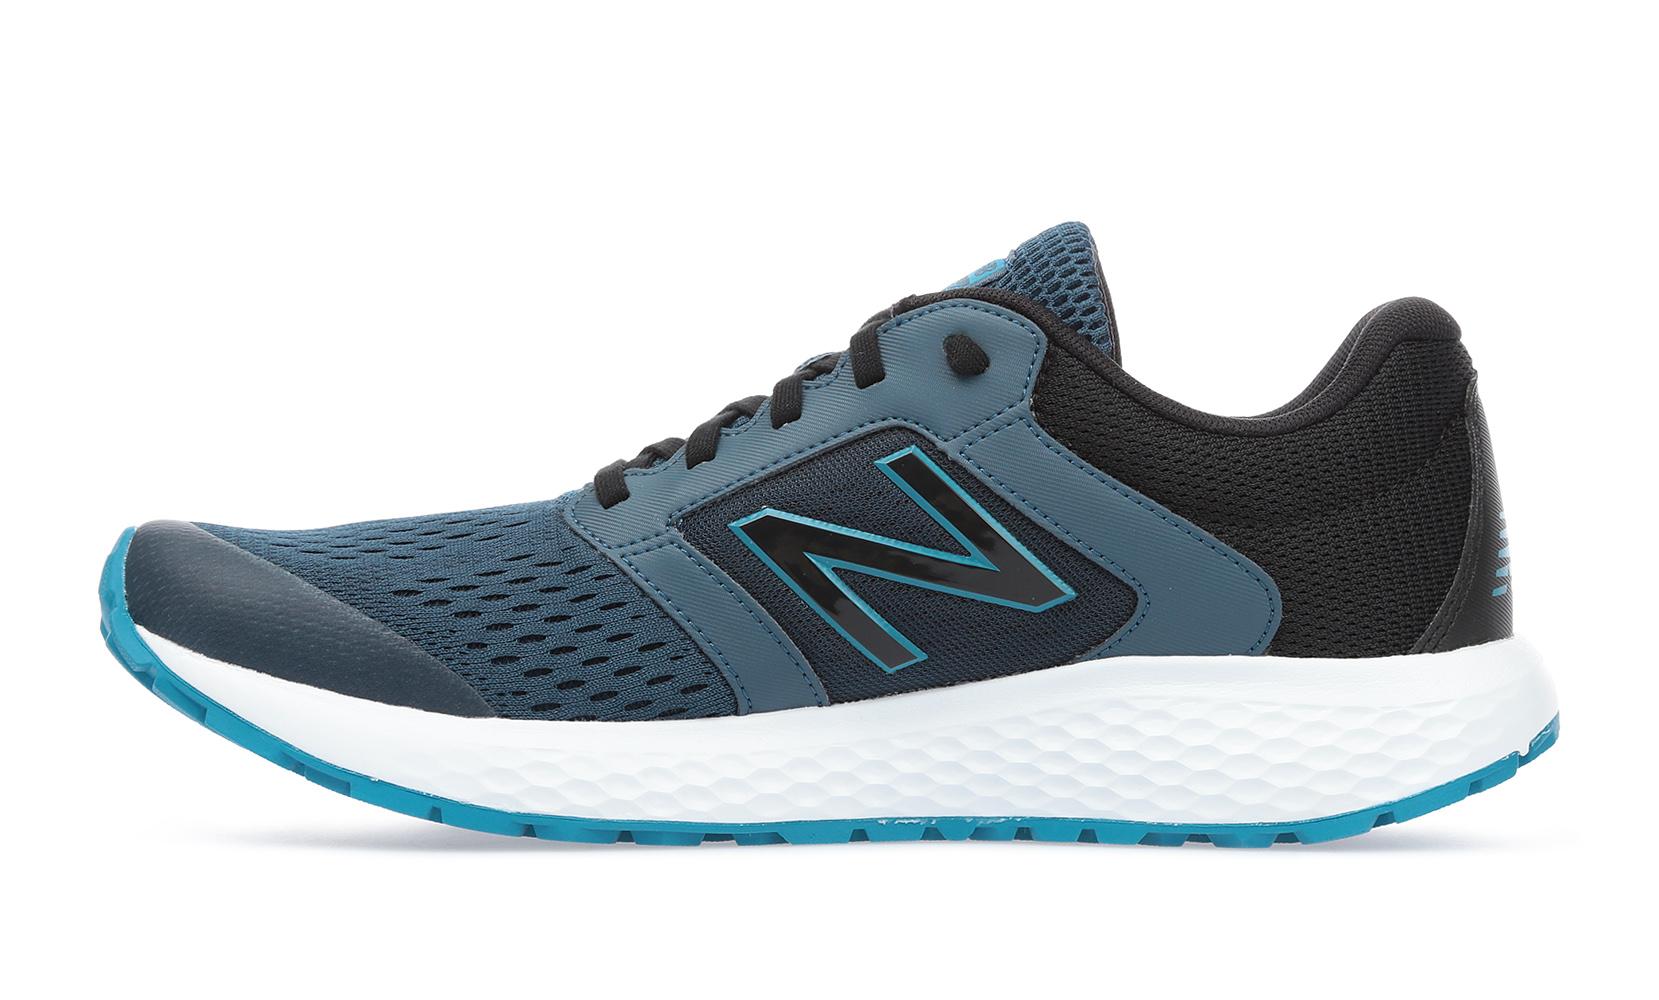 Чоловіче взуття для тренувань New Balance 520 v5 Comfort Ride M520LO5 | New Balance